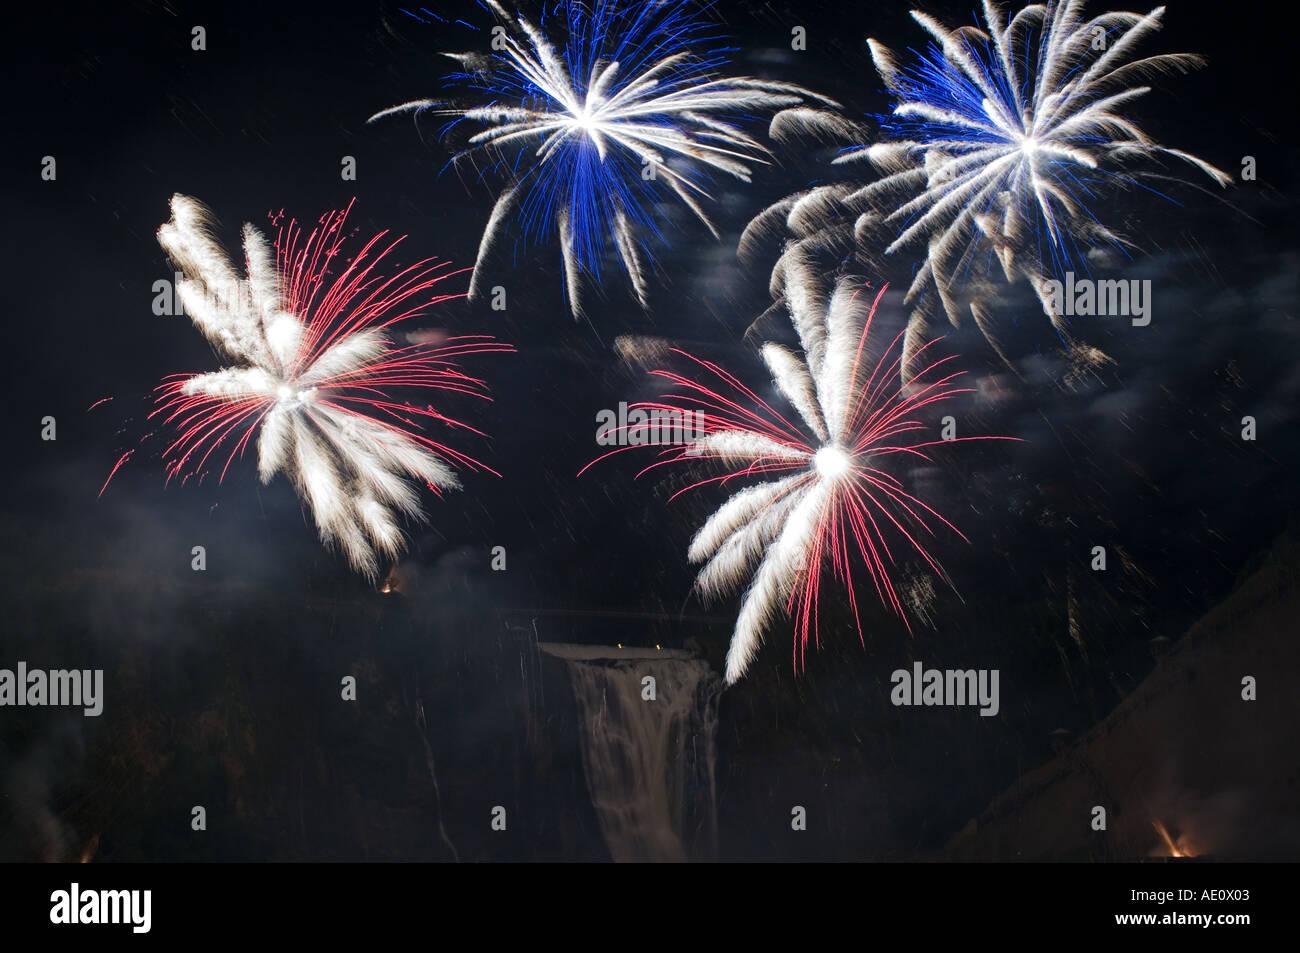 Canada Quebec, Montmorency Falls, Loto Québec Internazionale Competizione di fuochi d'artificio Foto Stock